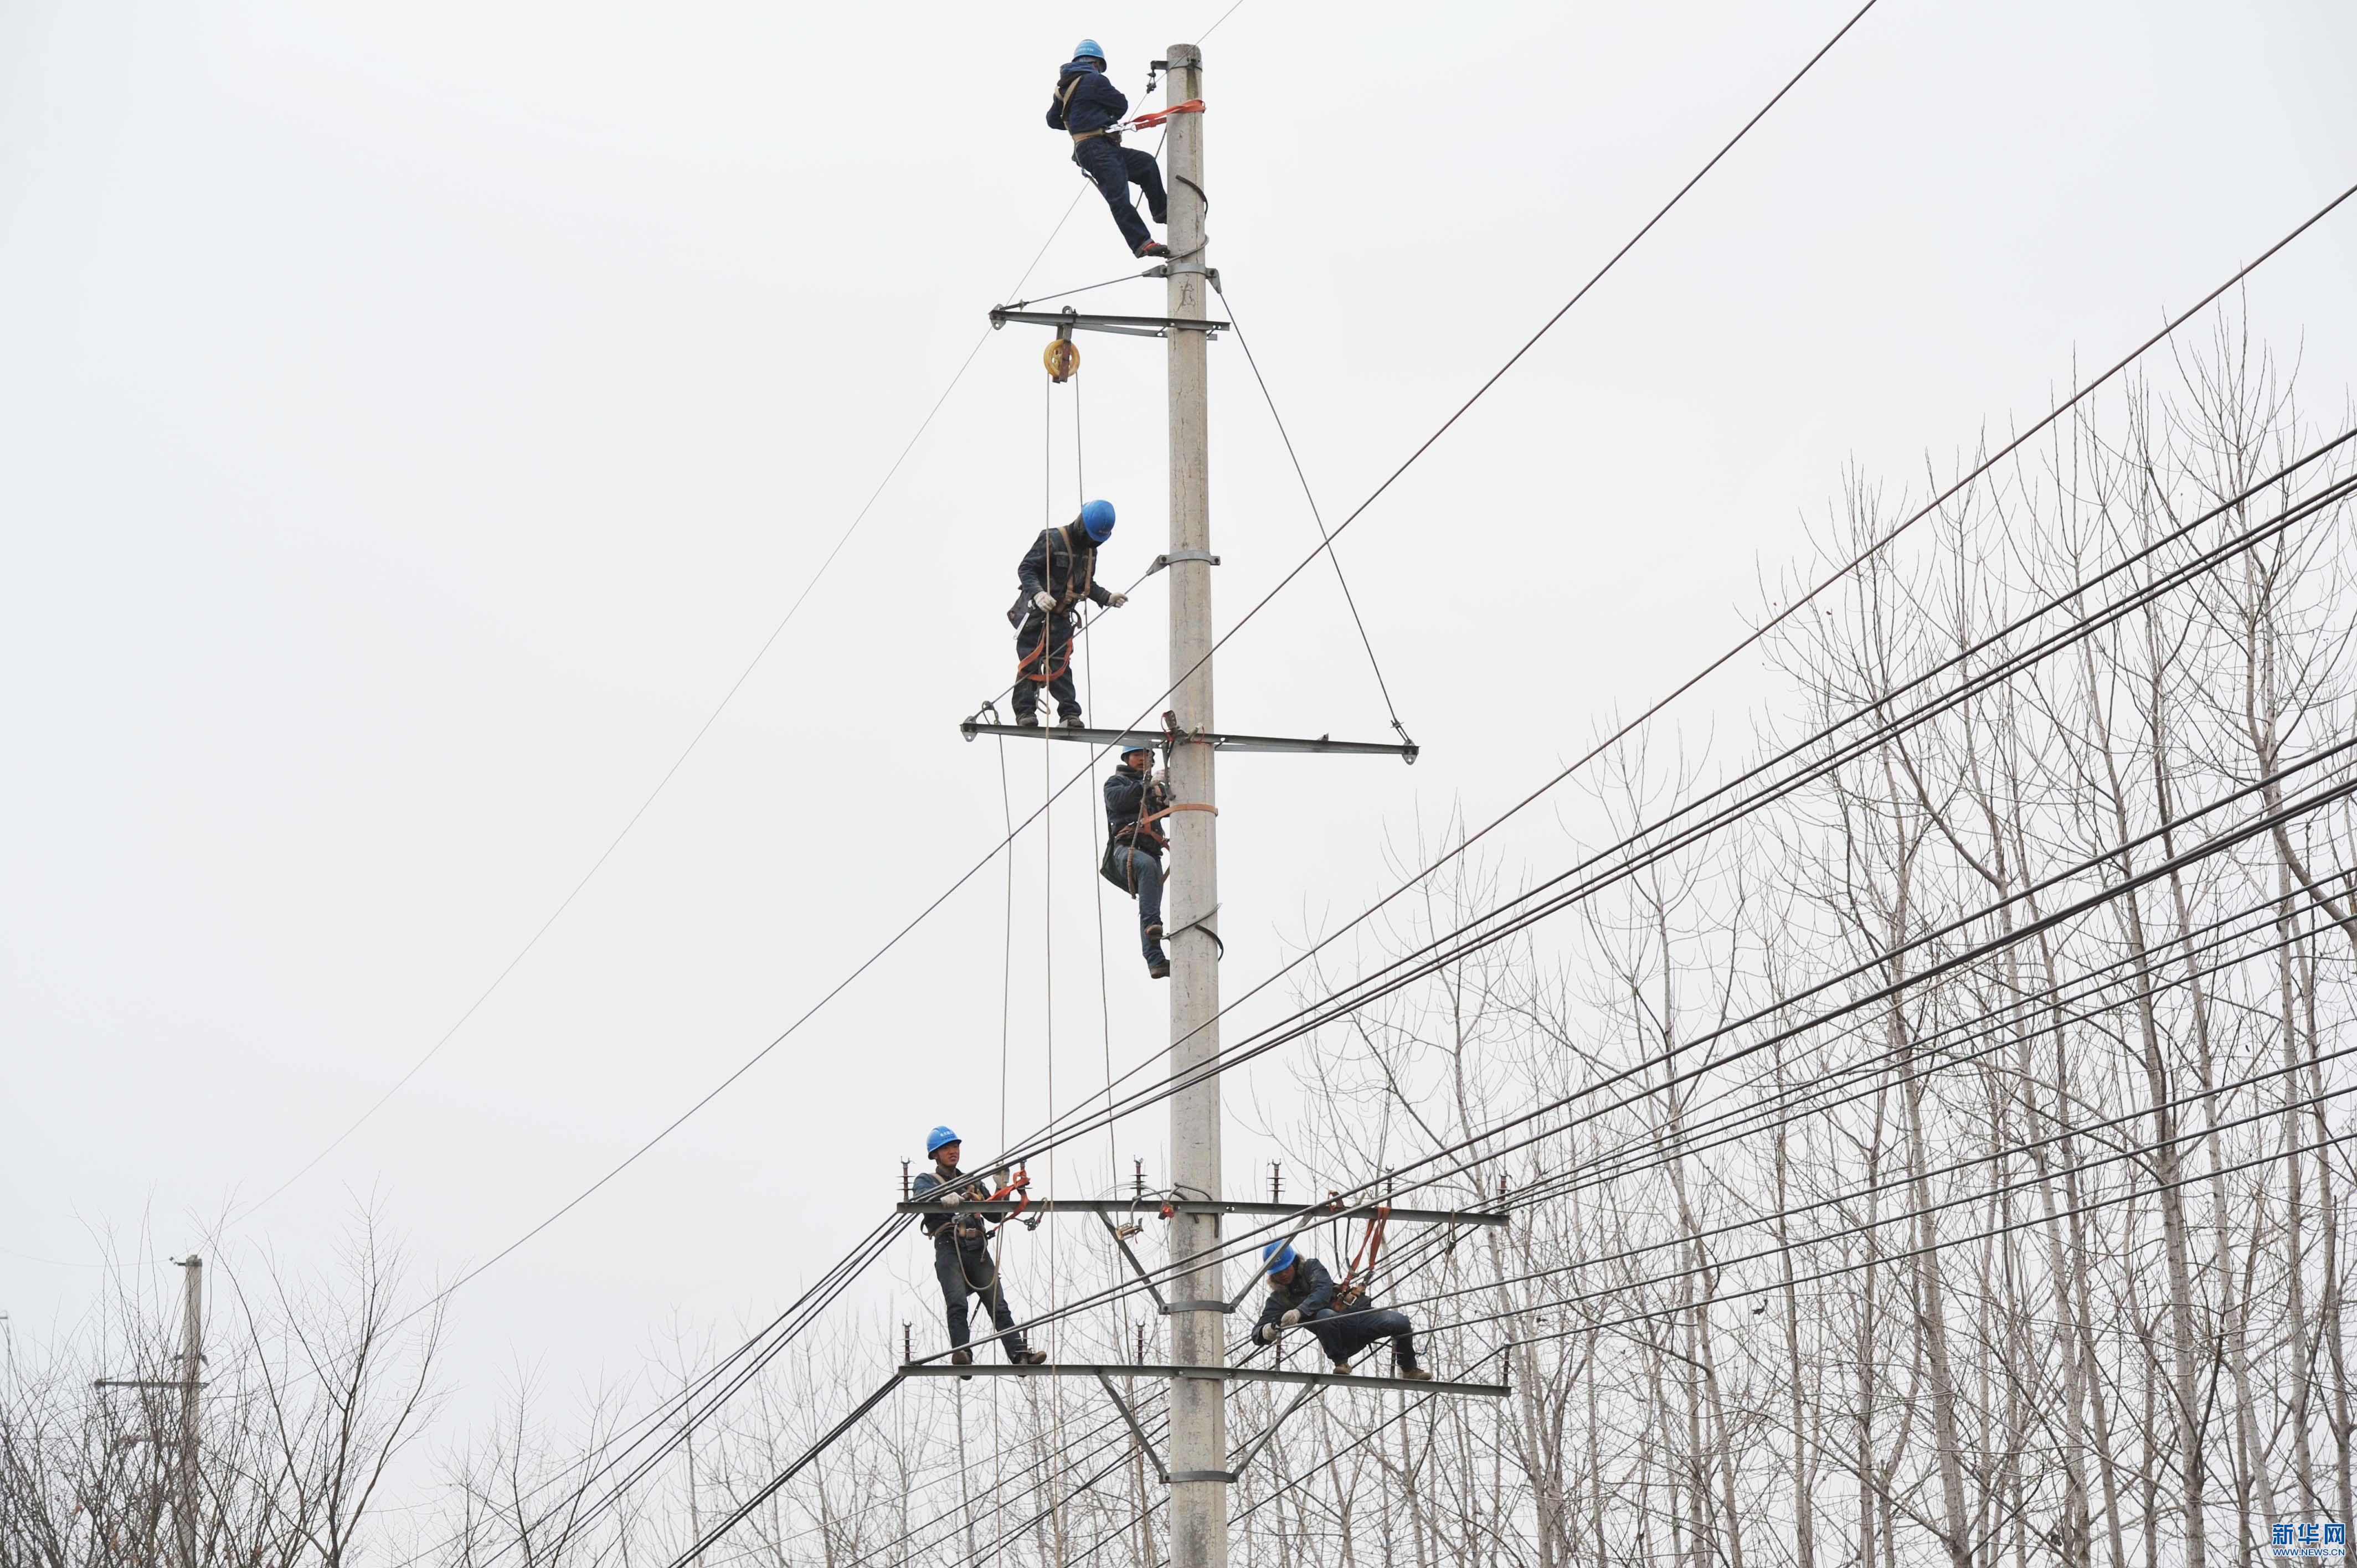 电力工人在高空对供电线路进行检修